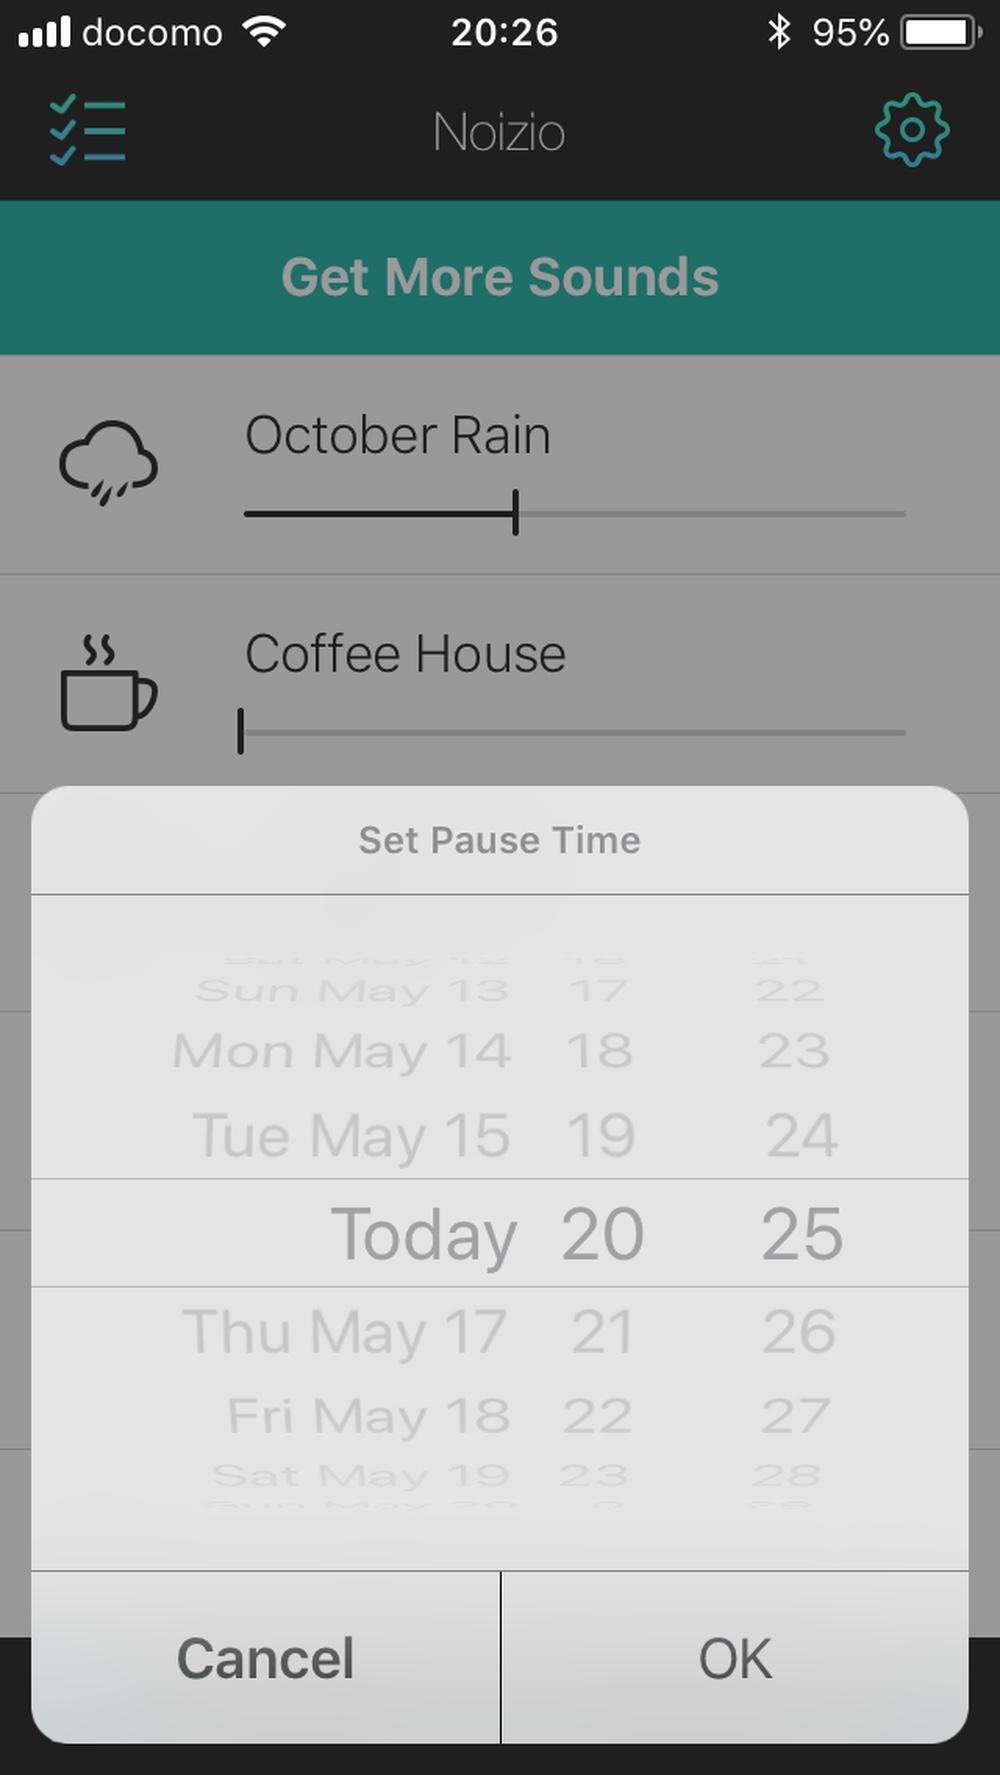 豊富な環境音を組み合わせて聞ける集中音アプリ「Noizio」(iPhone・アプリ)